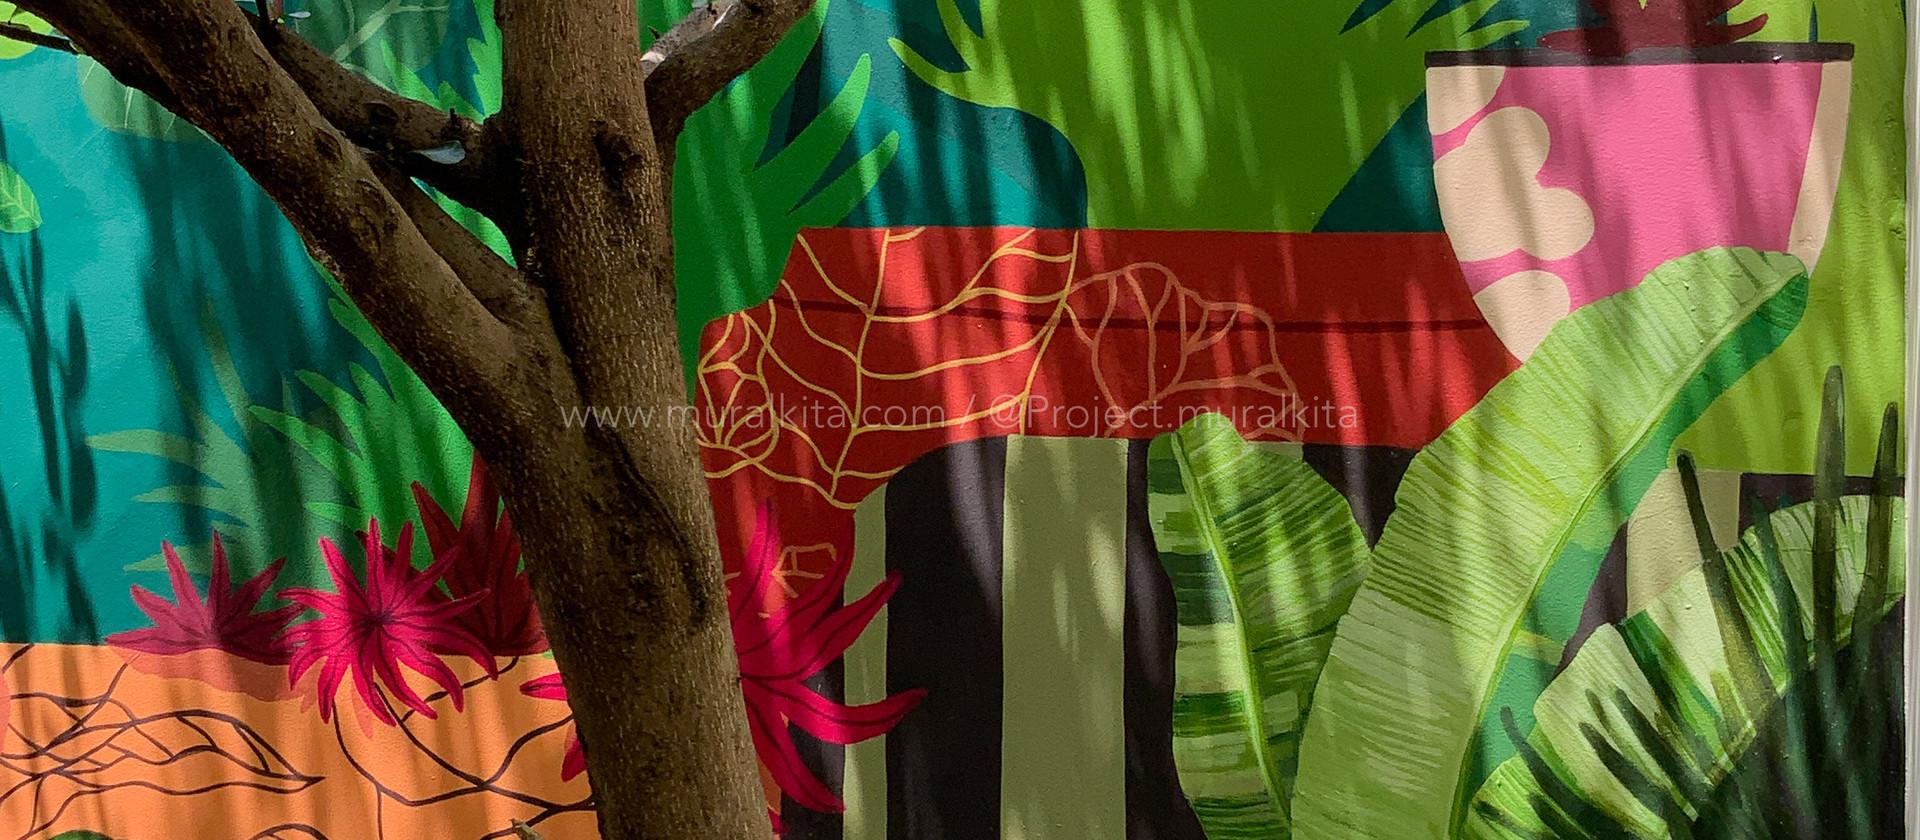 Backyard Mural - Miss Mandara